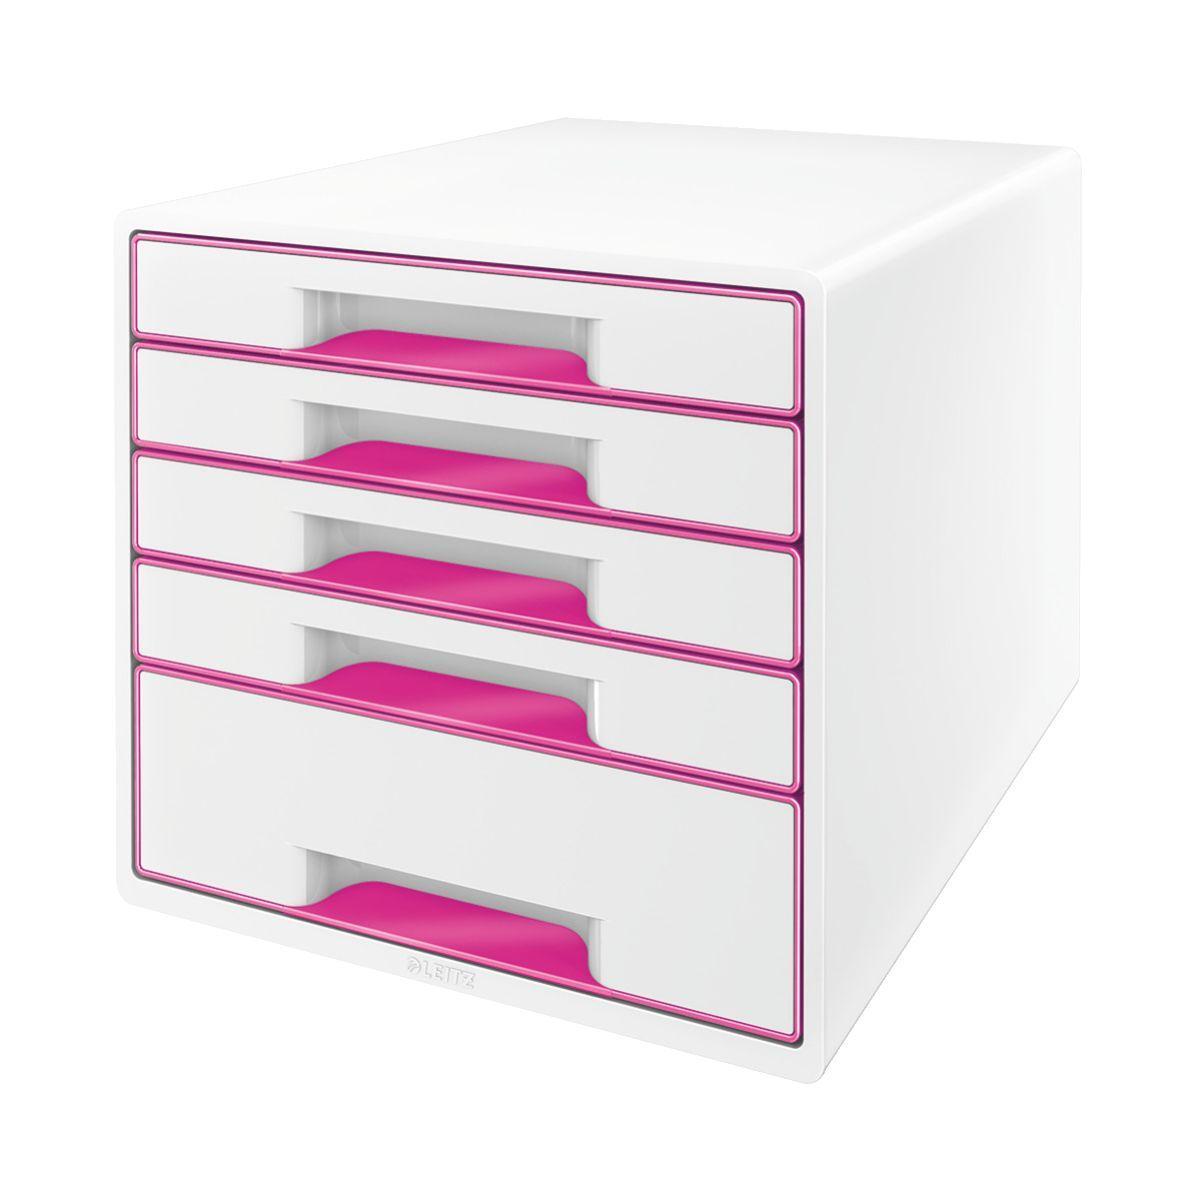 Bloc tiroir leitz bloc de classement tiroirs wow rose - 5% de remise imm�diate avec le code : automne5 (photo)